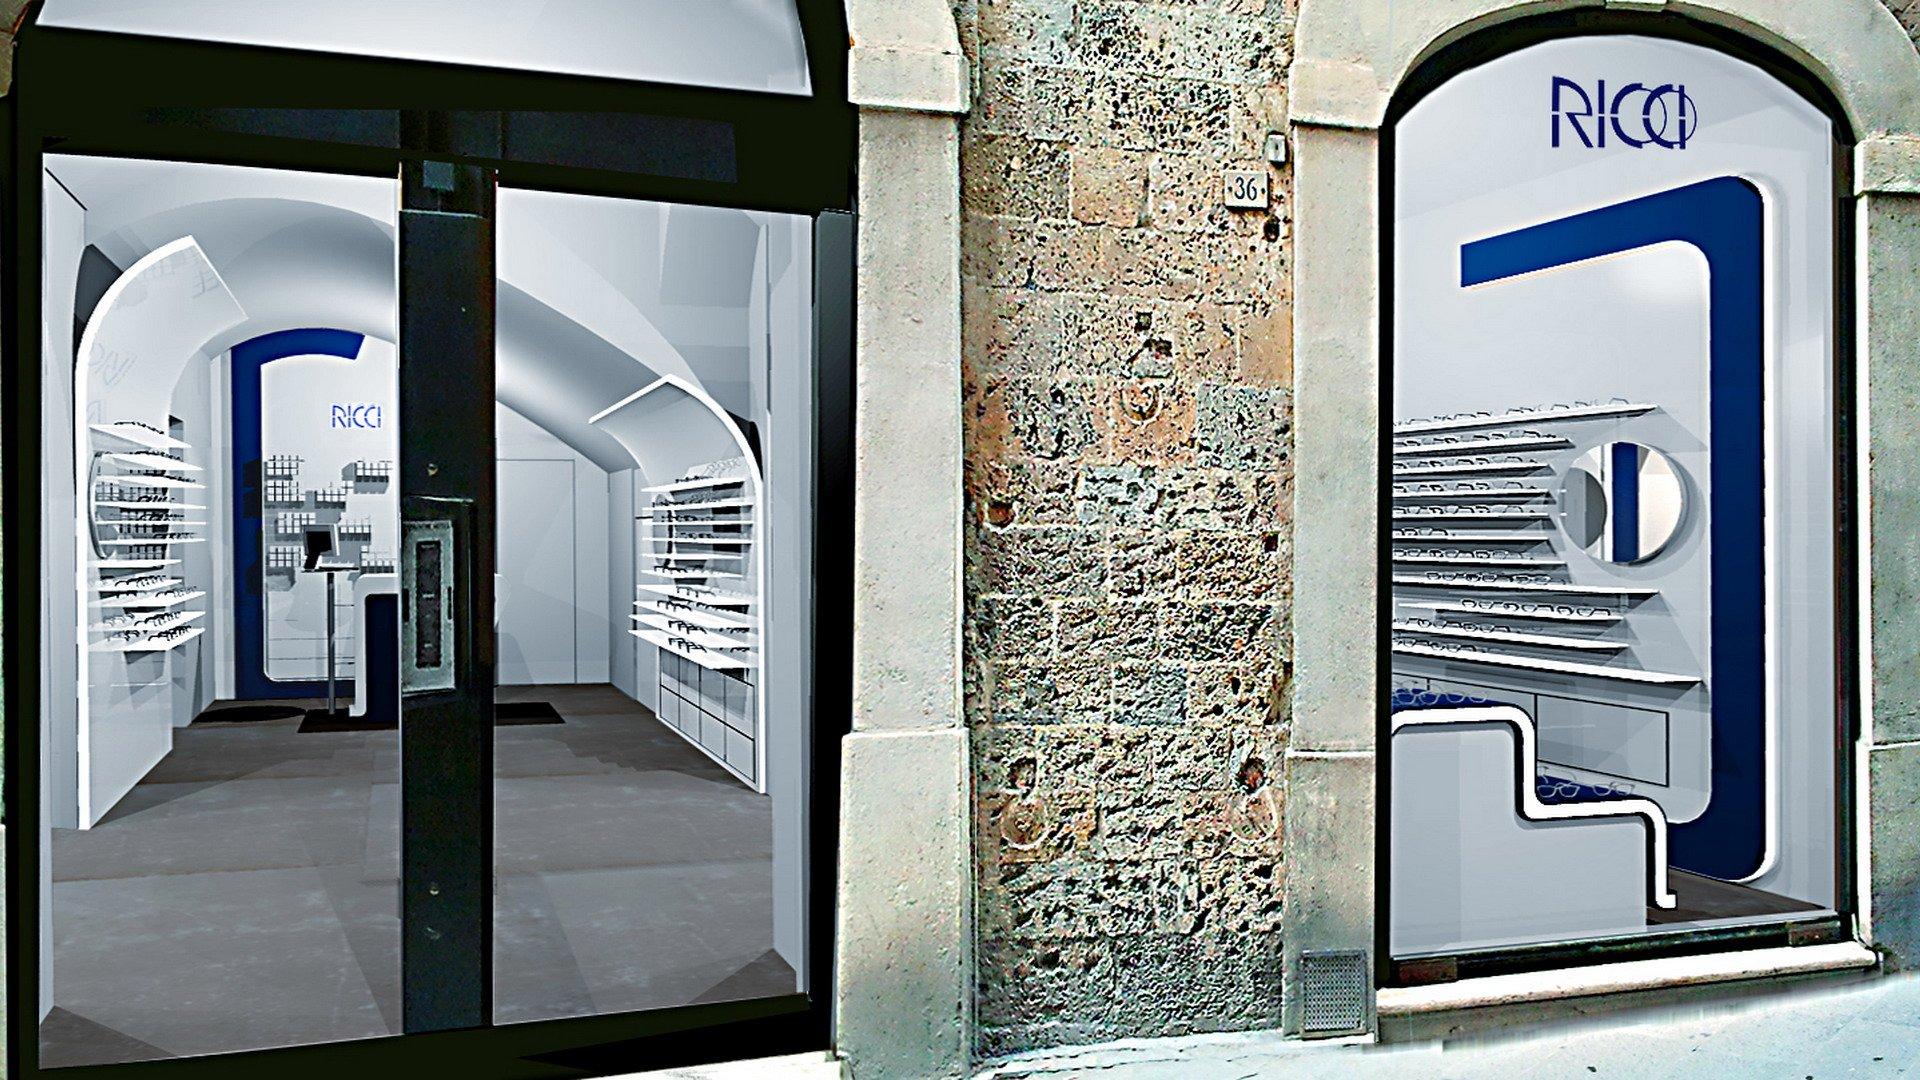 Ottica ricci arketipo design for Ricci arredamento